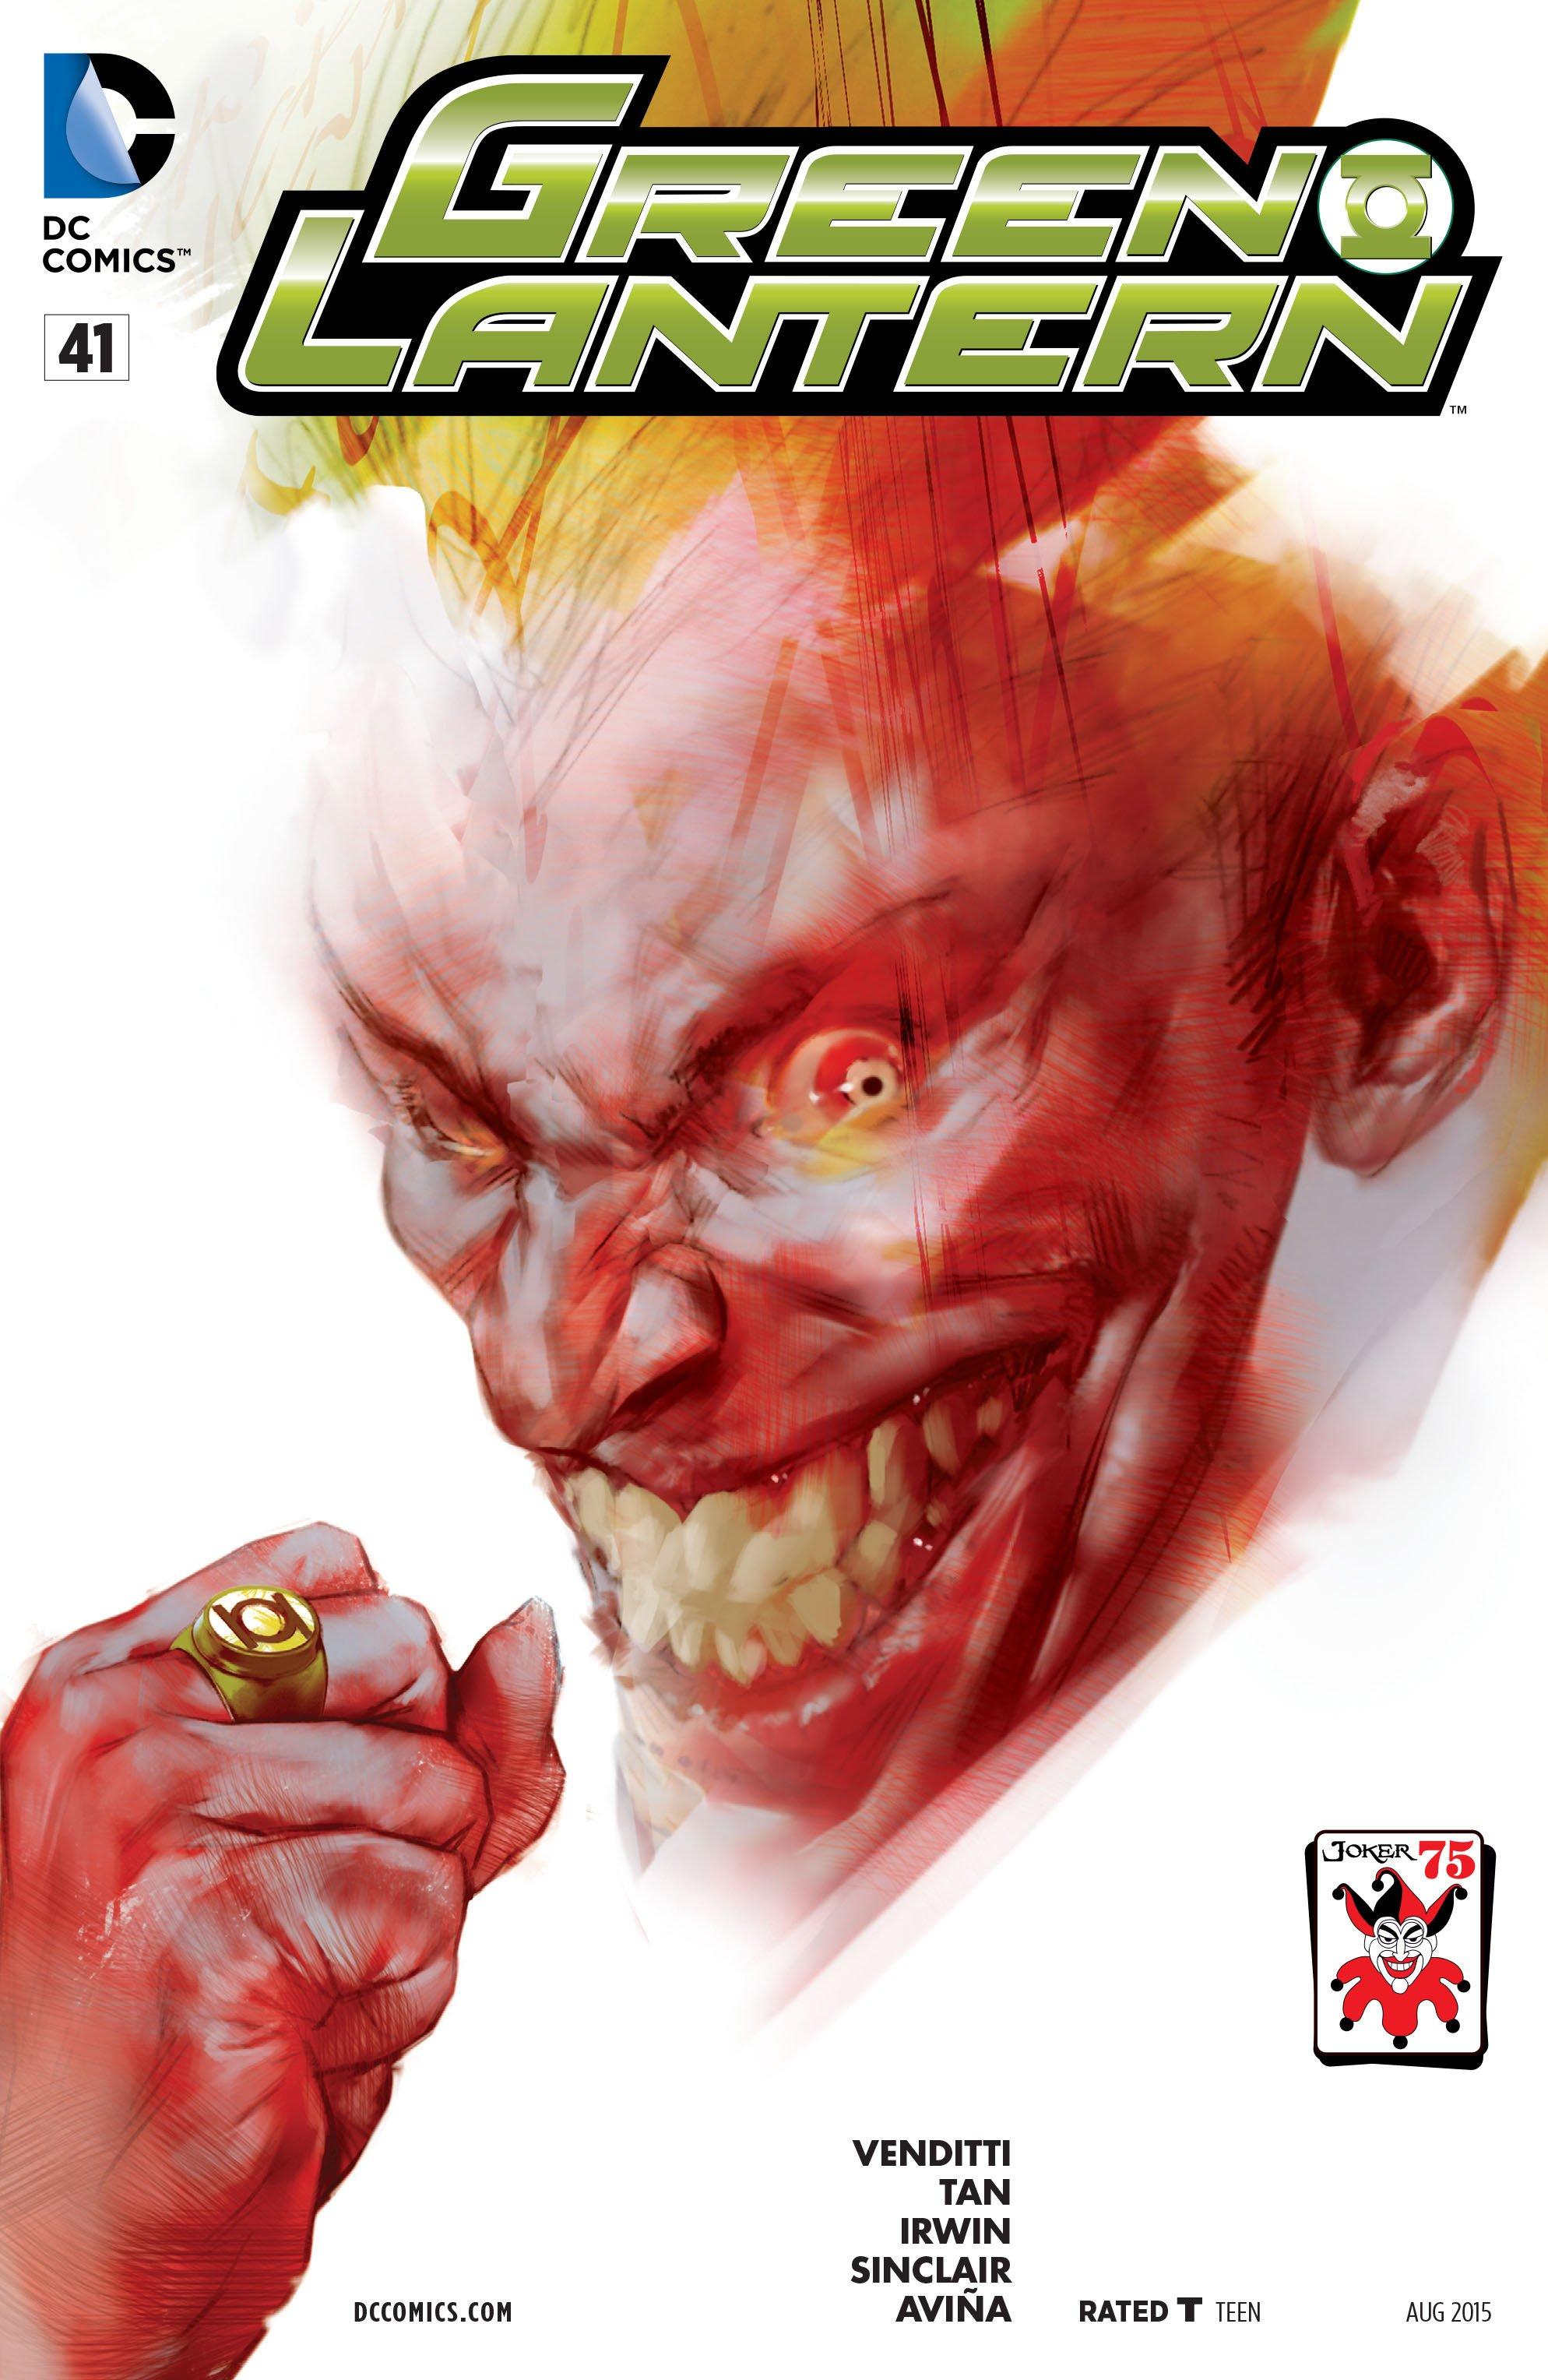 JOKER 75 обложки от DC. - Изображение 3